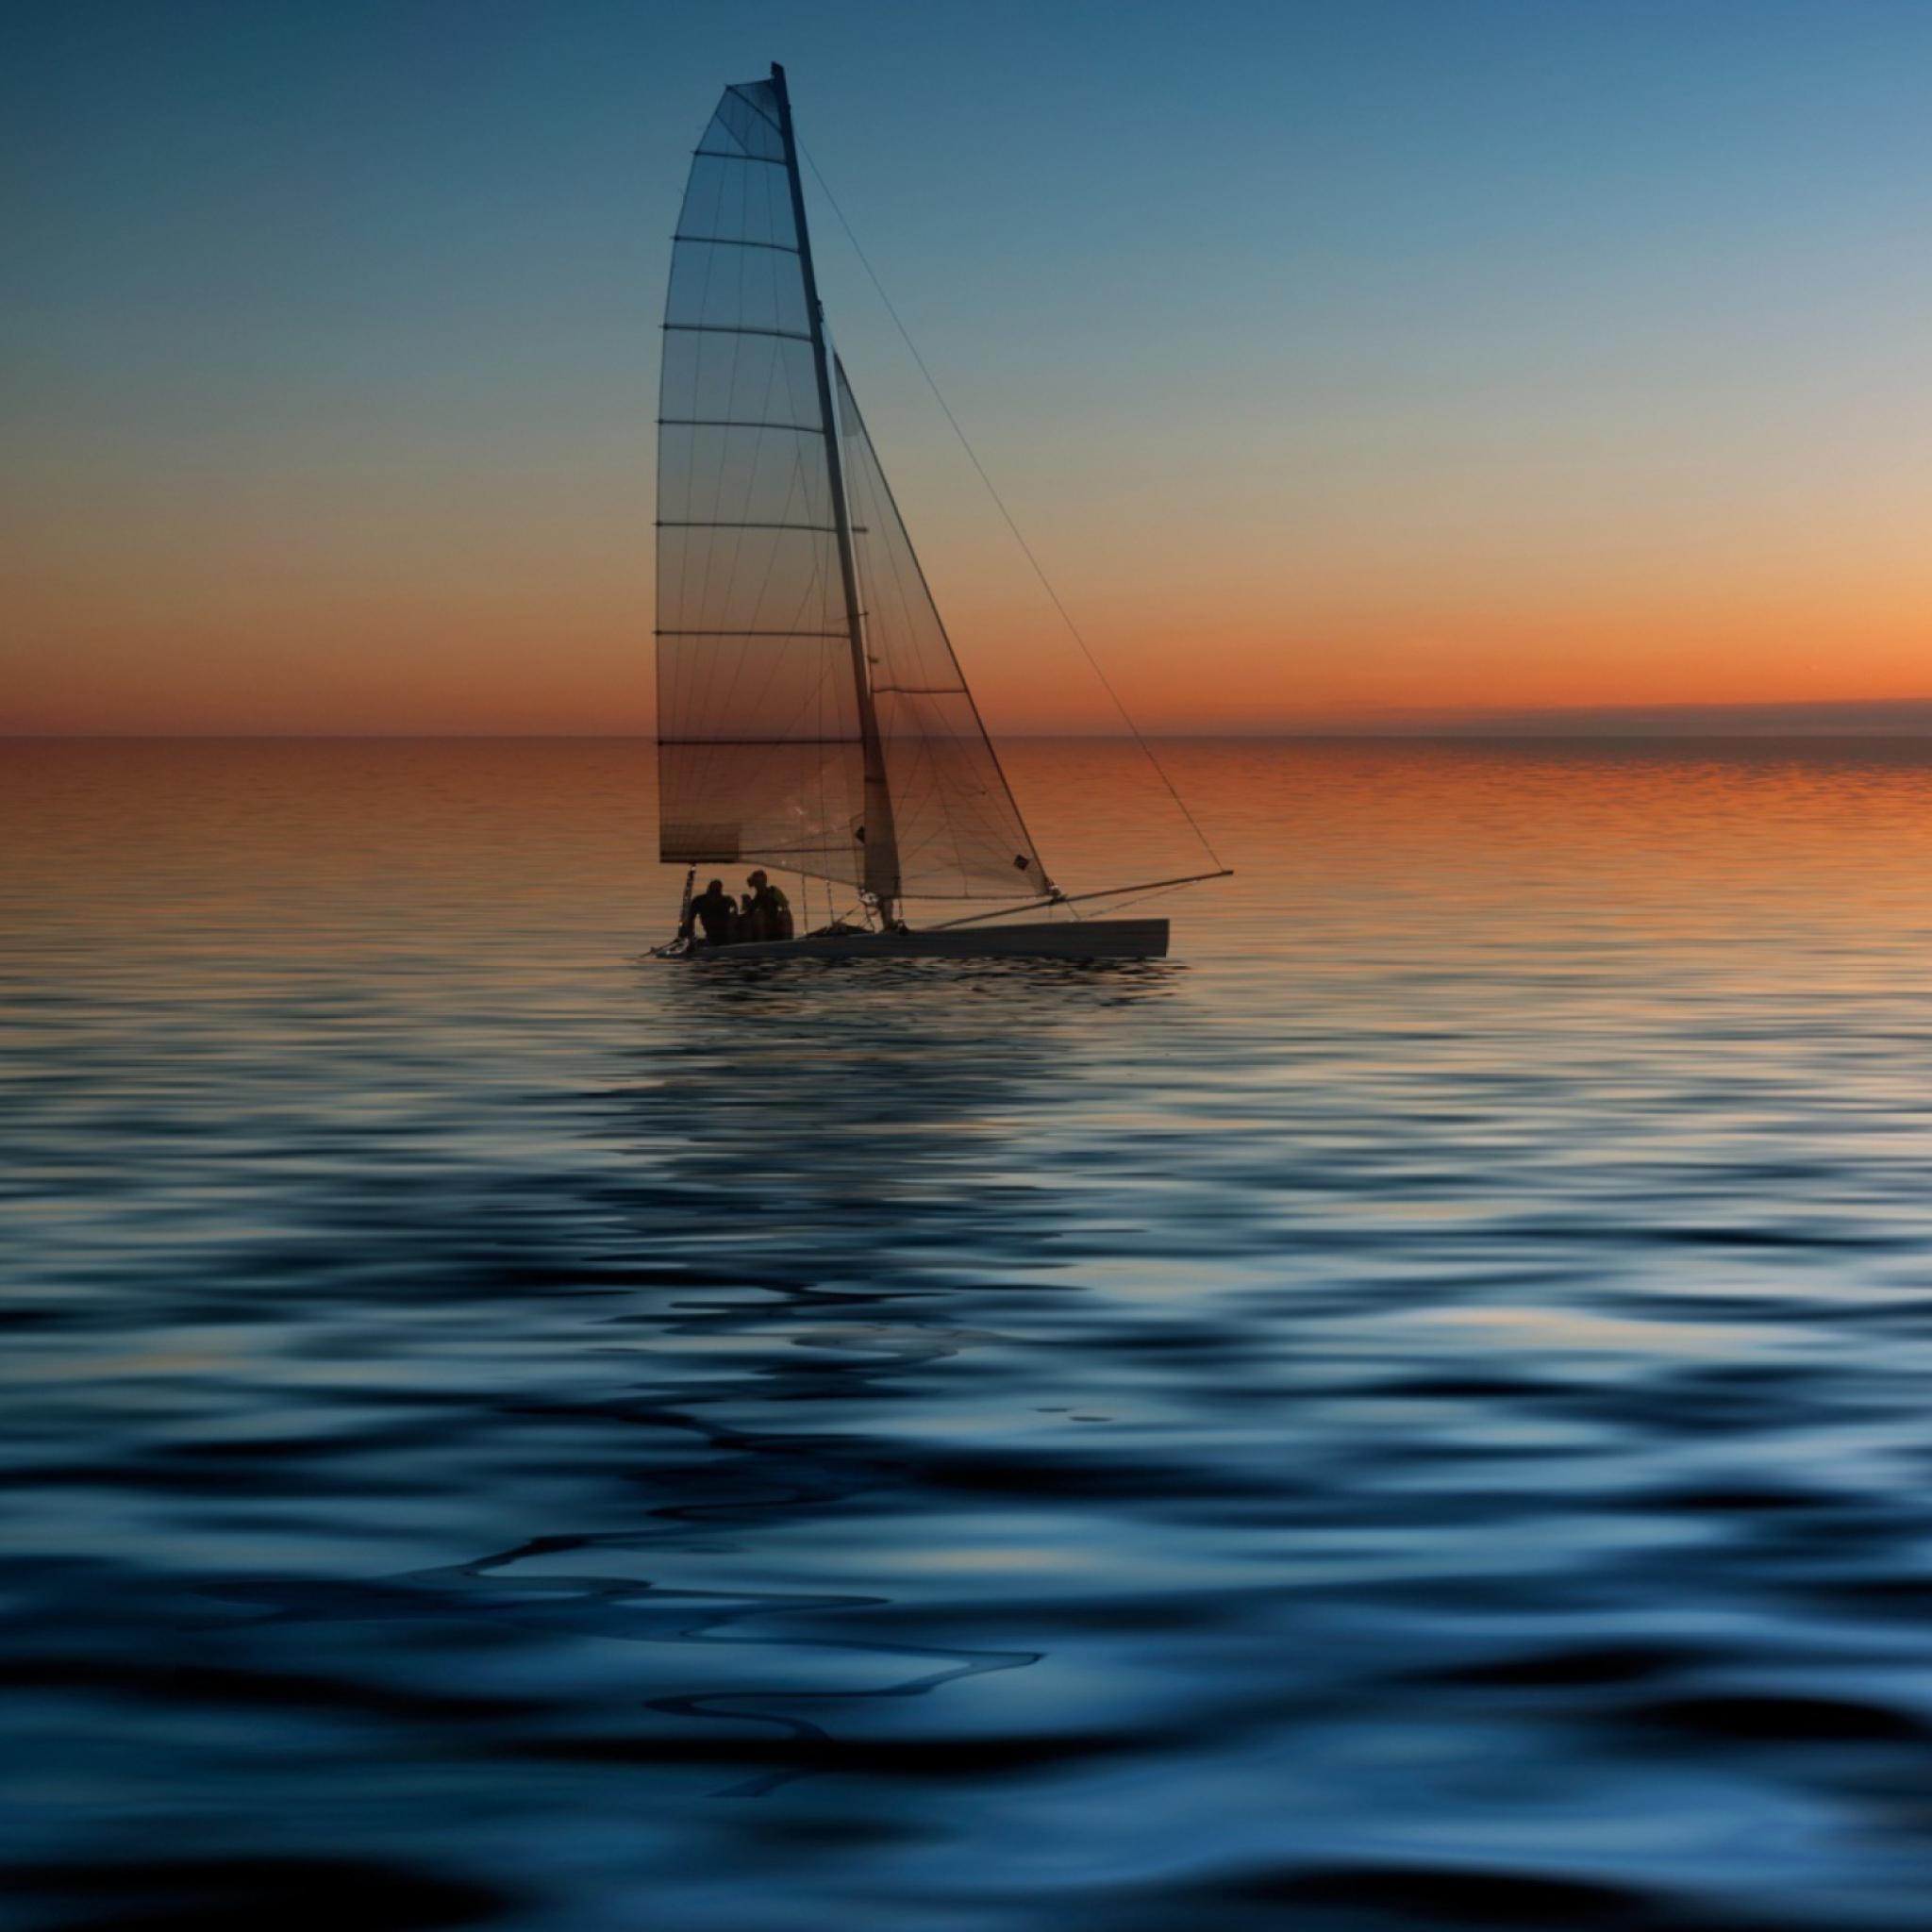 картинки на телефон лодка море выходит всегда великолепный